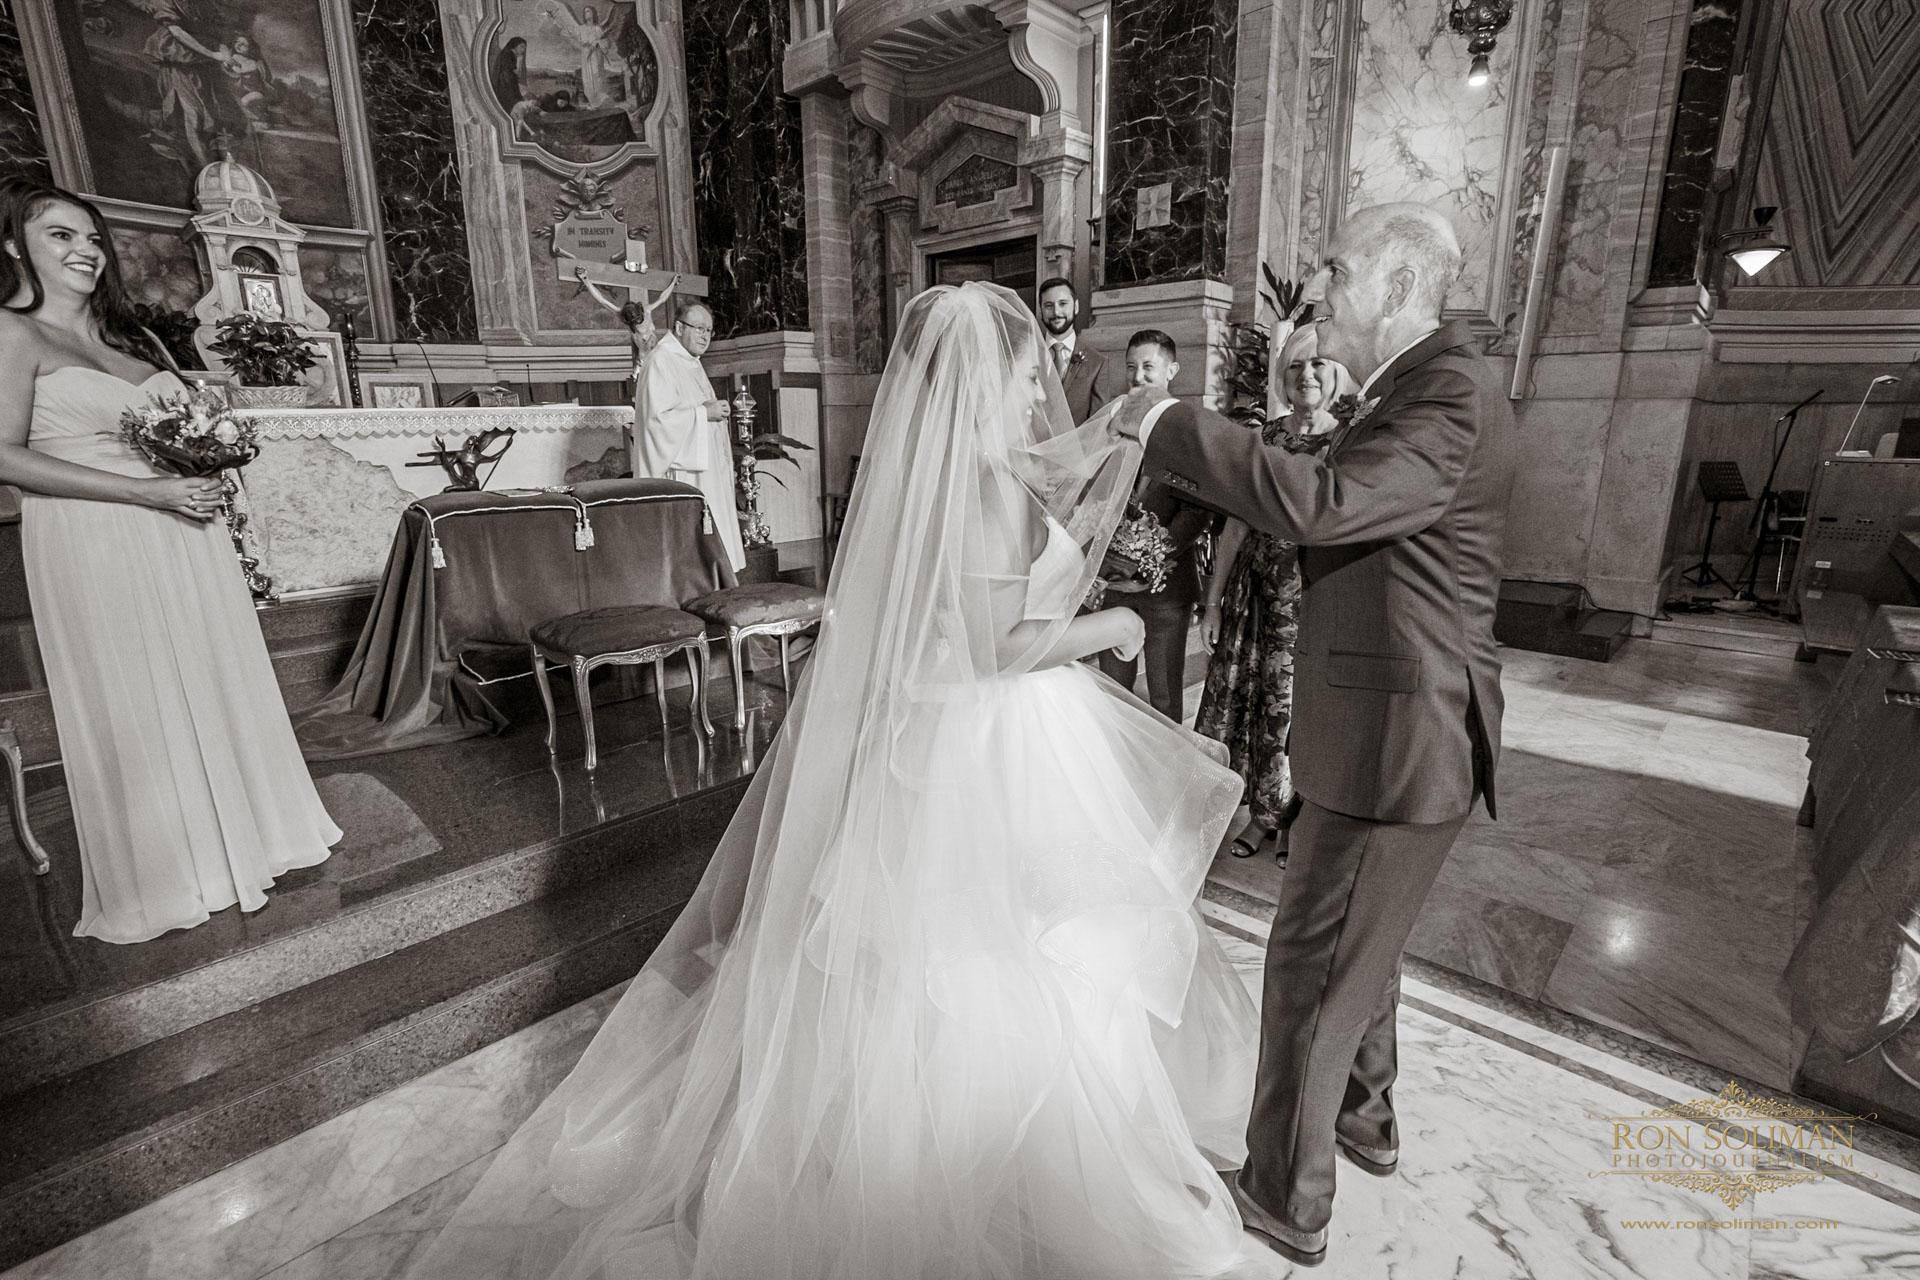 ROME WEDDING 24